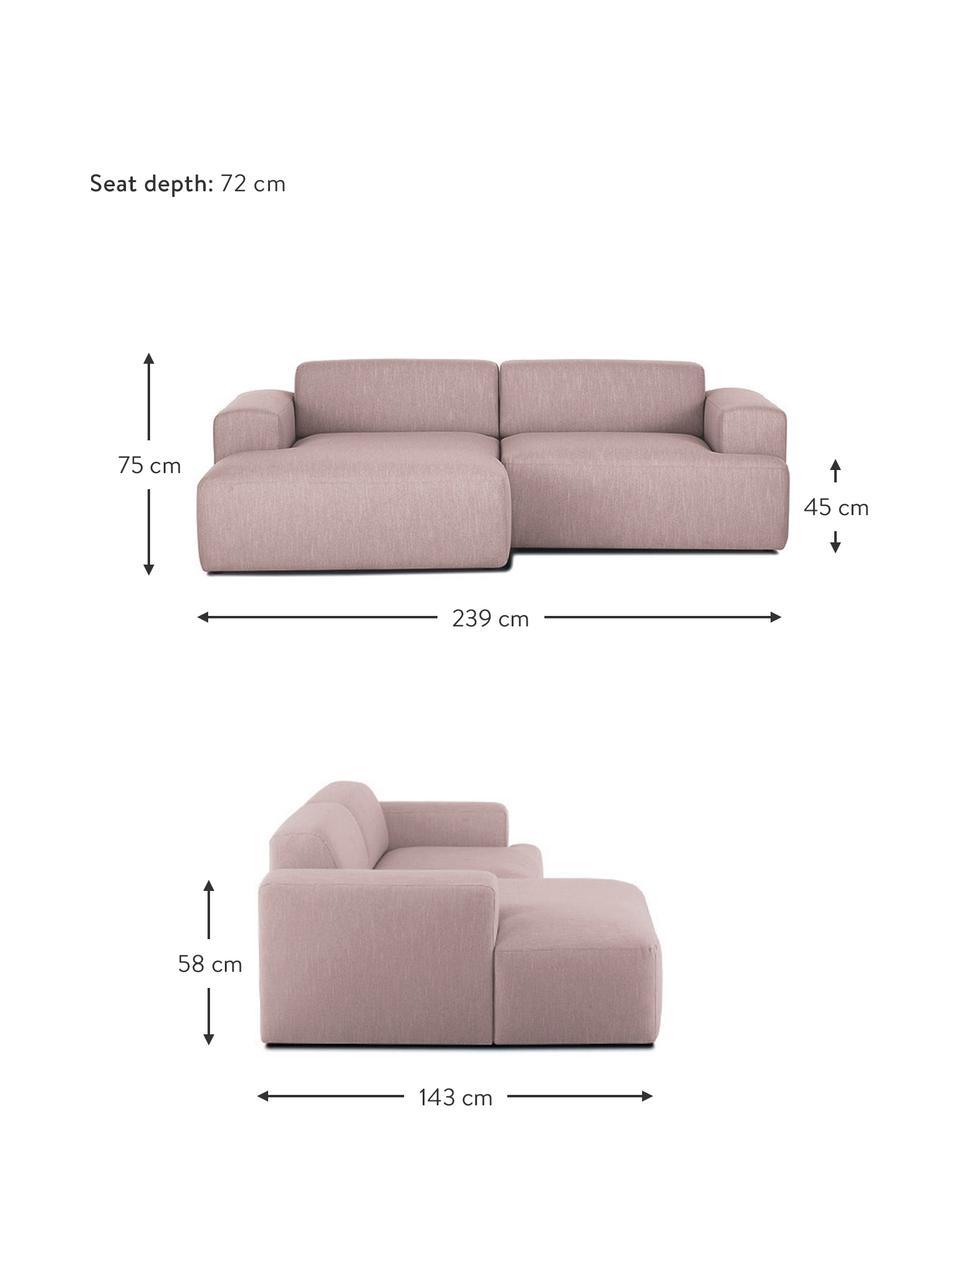 Divano angolare a 3 posti in tessuto rosa Melva, Rivestimento: 100% poliestre Il rivesti, Struttura: pino massiccio, certifica, Tessuto rosa, Larg. 239 x Prof. 143 cm